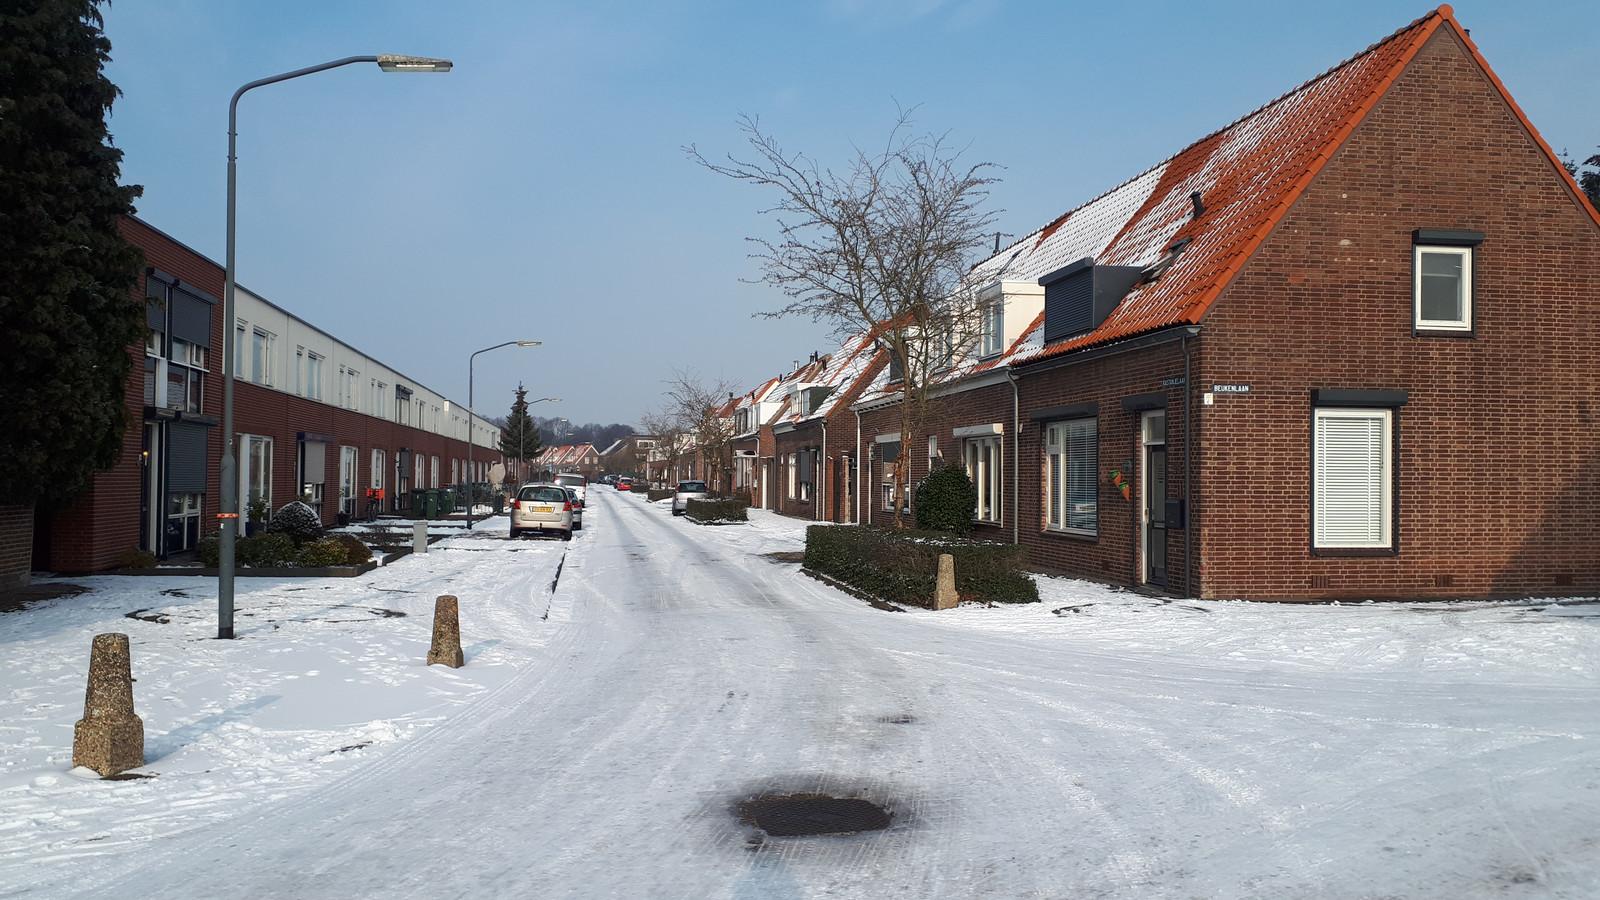 Slotjes-Oost in Oosterhout.